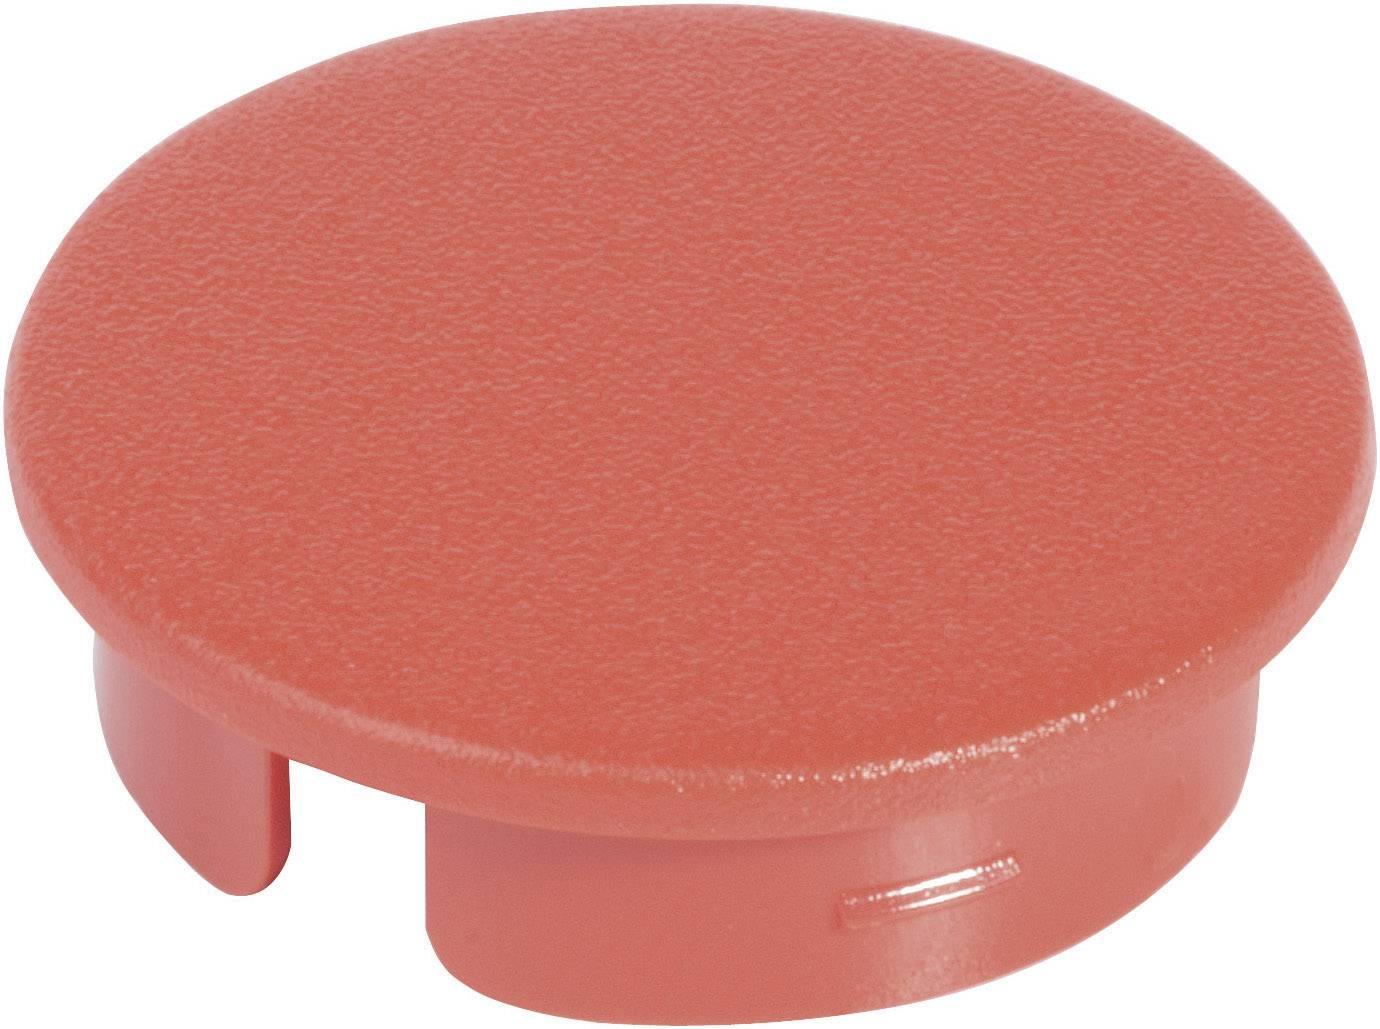 Krytka na otočný knoflík bez ukazatele OKW, pro knoflíky/O 16 mm, červená